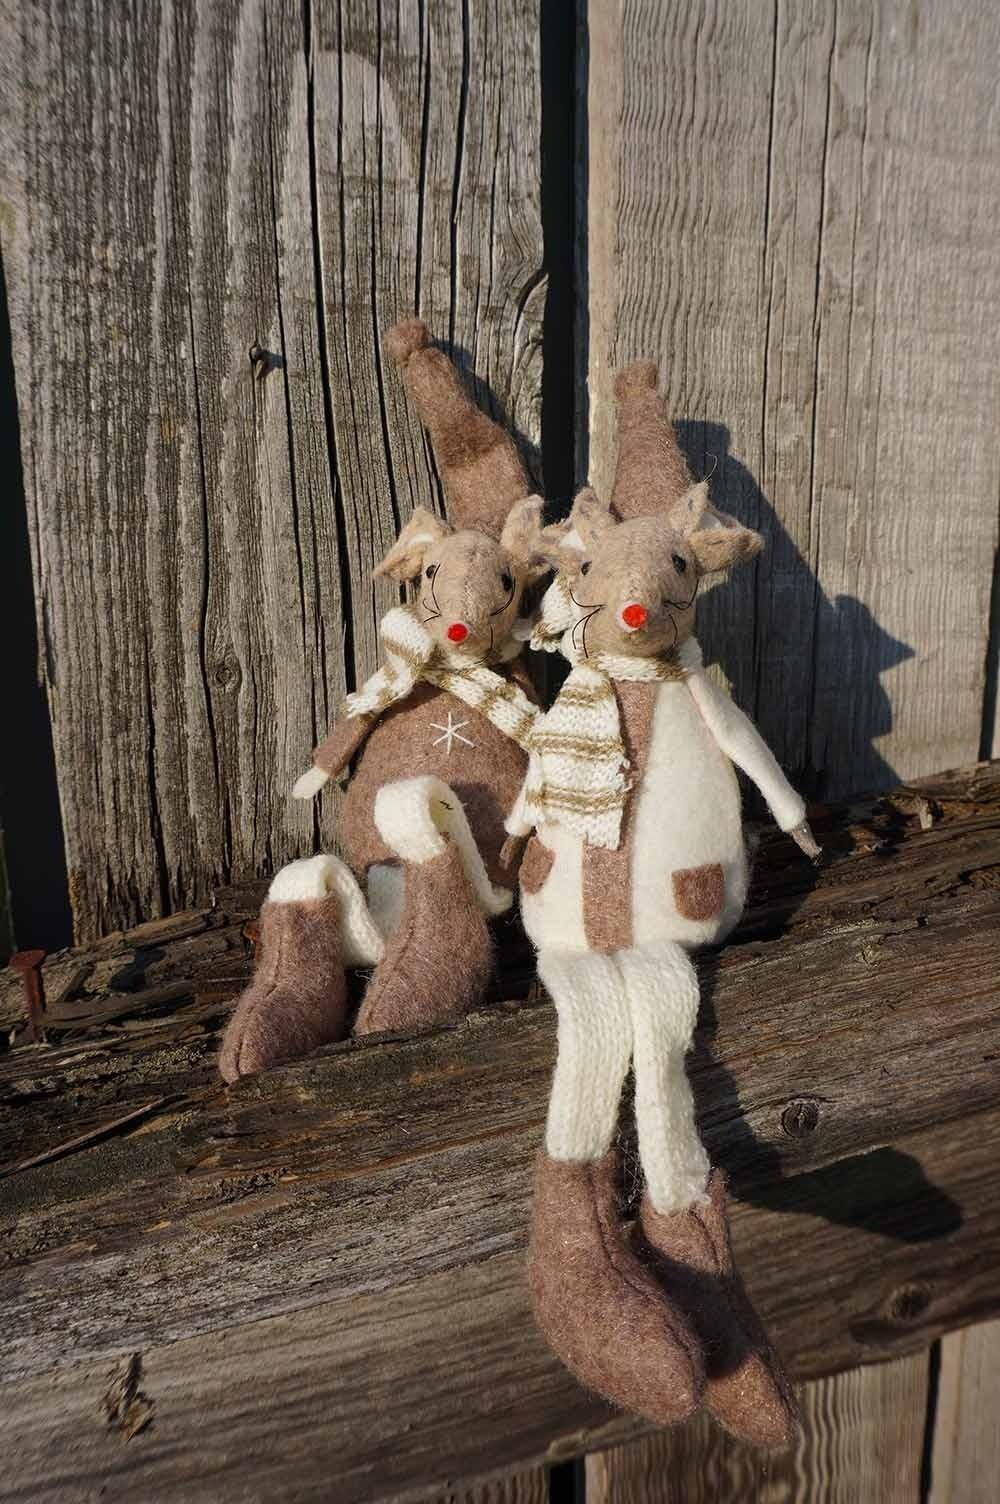 Möss, Mysan och Muffins, sittande 2 stycken